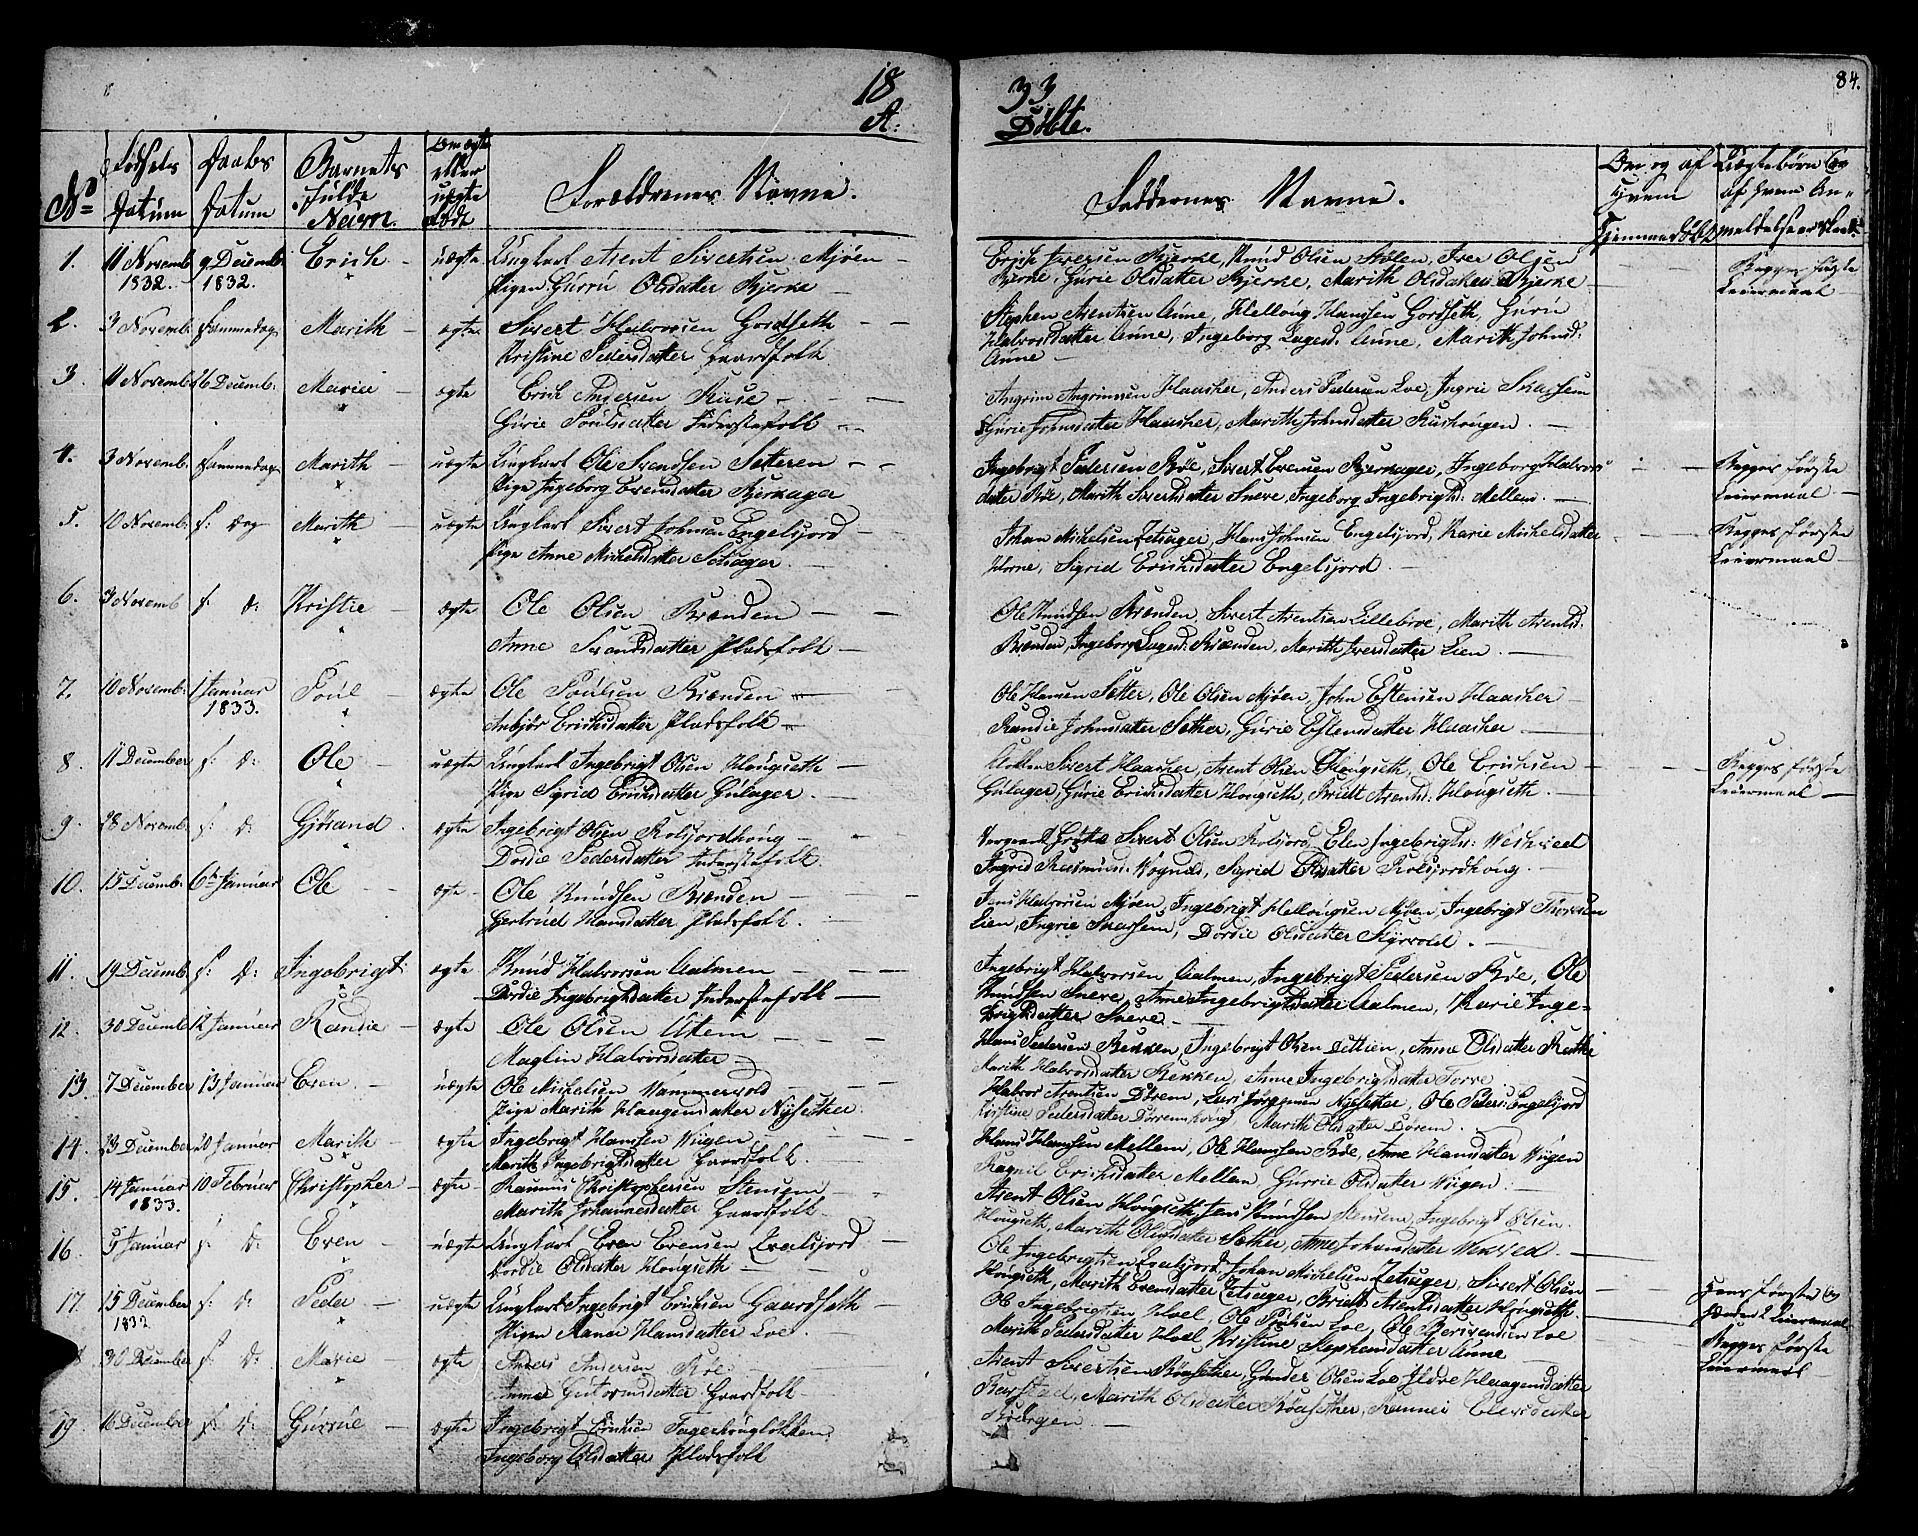 SAT, Ministerialprotokoller, klokkerbøker og fødselsregistre - Sør-Trøndelag, 678/L0897: Ministerialbok nr. 678A06-07, 1821-1847, s. 84